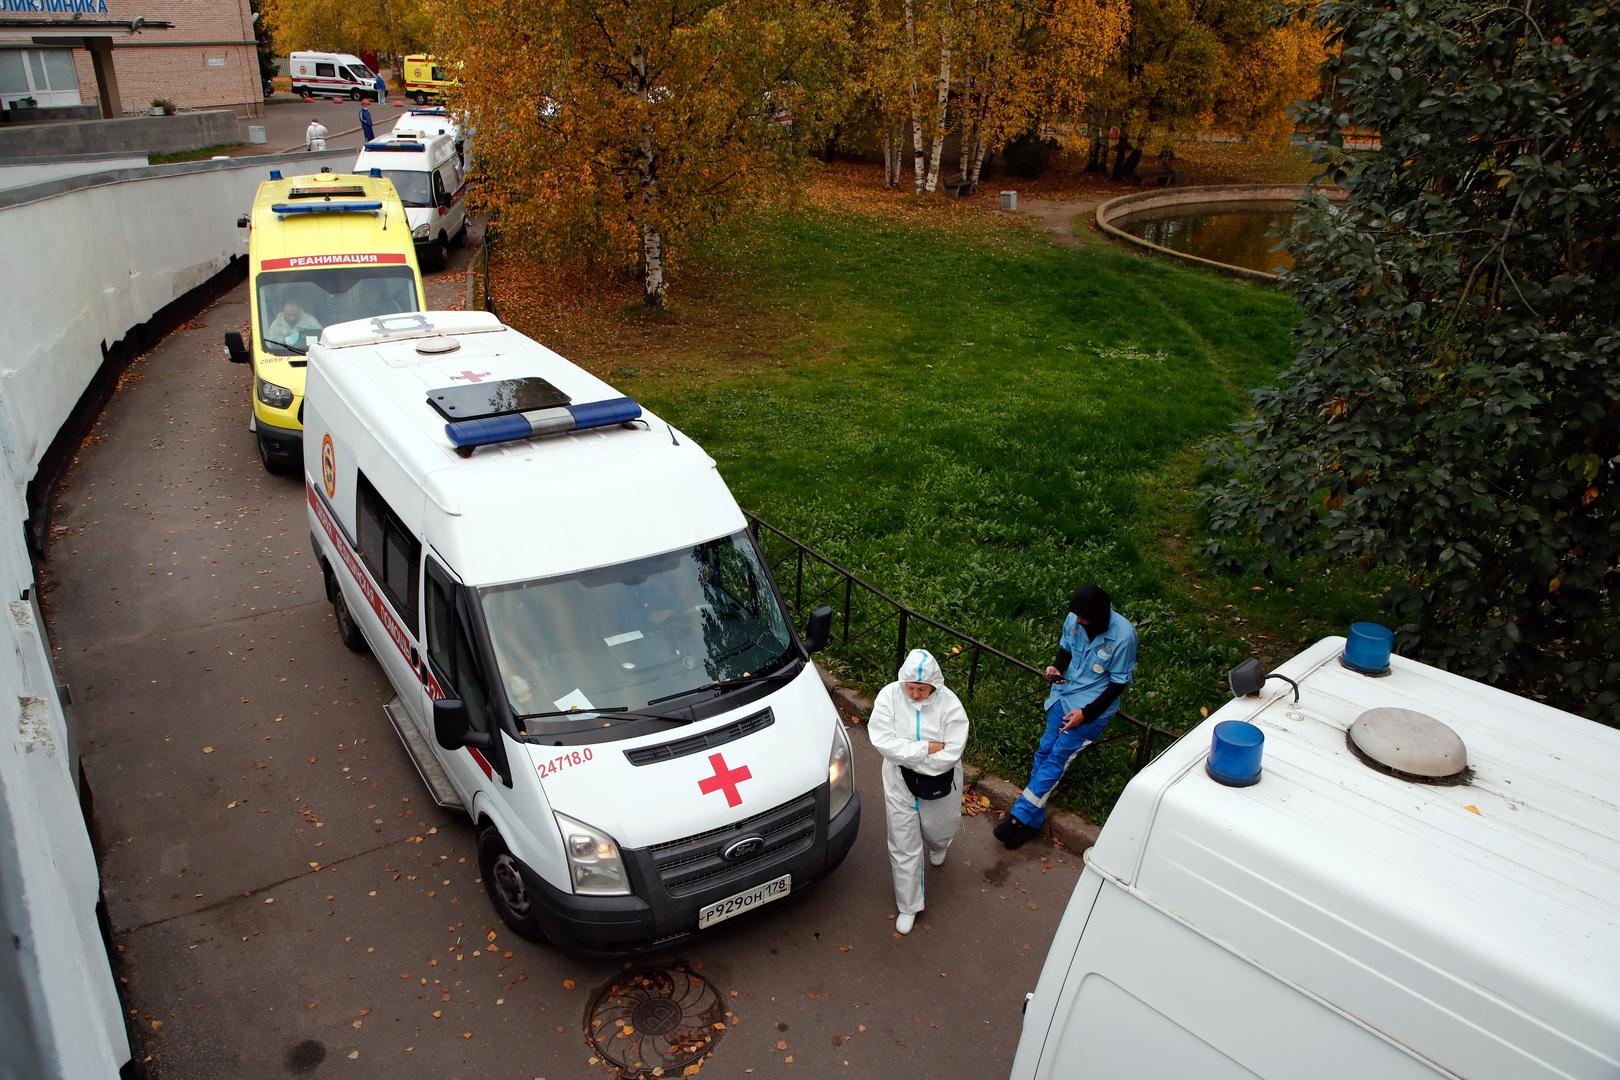 روسيا تسجل 16 ألف إصابة بكورونا خلال 24 ساعة وقفزة قياسية جديدة في الوفيات